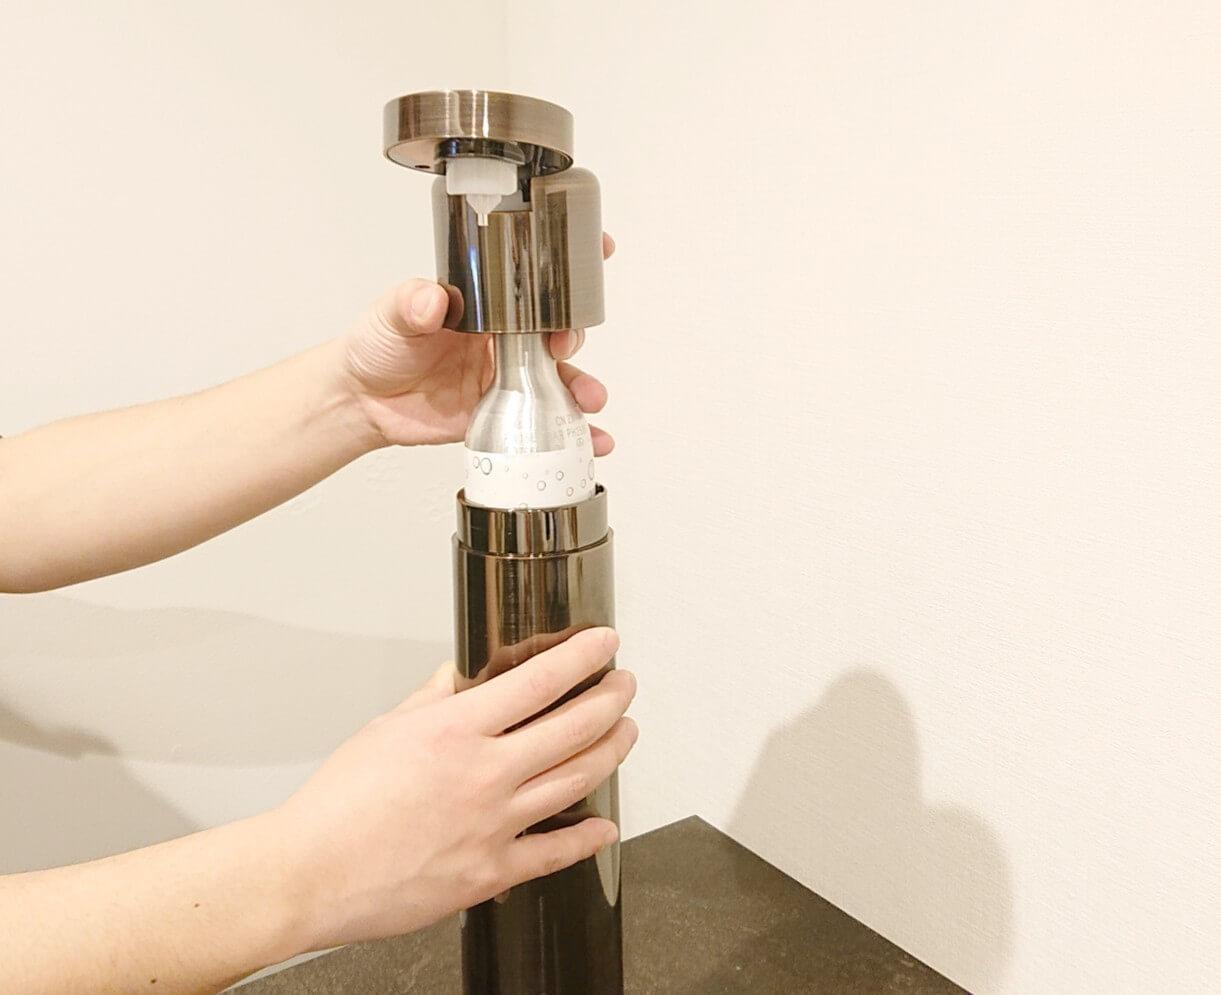 e-soda drink_ガスシリンダーを入れ替えている写真